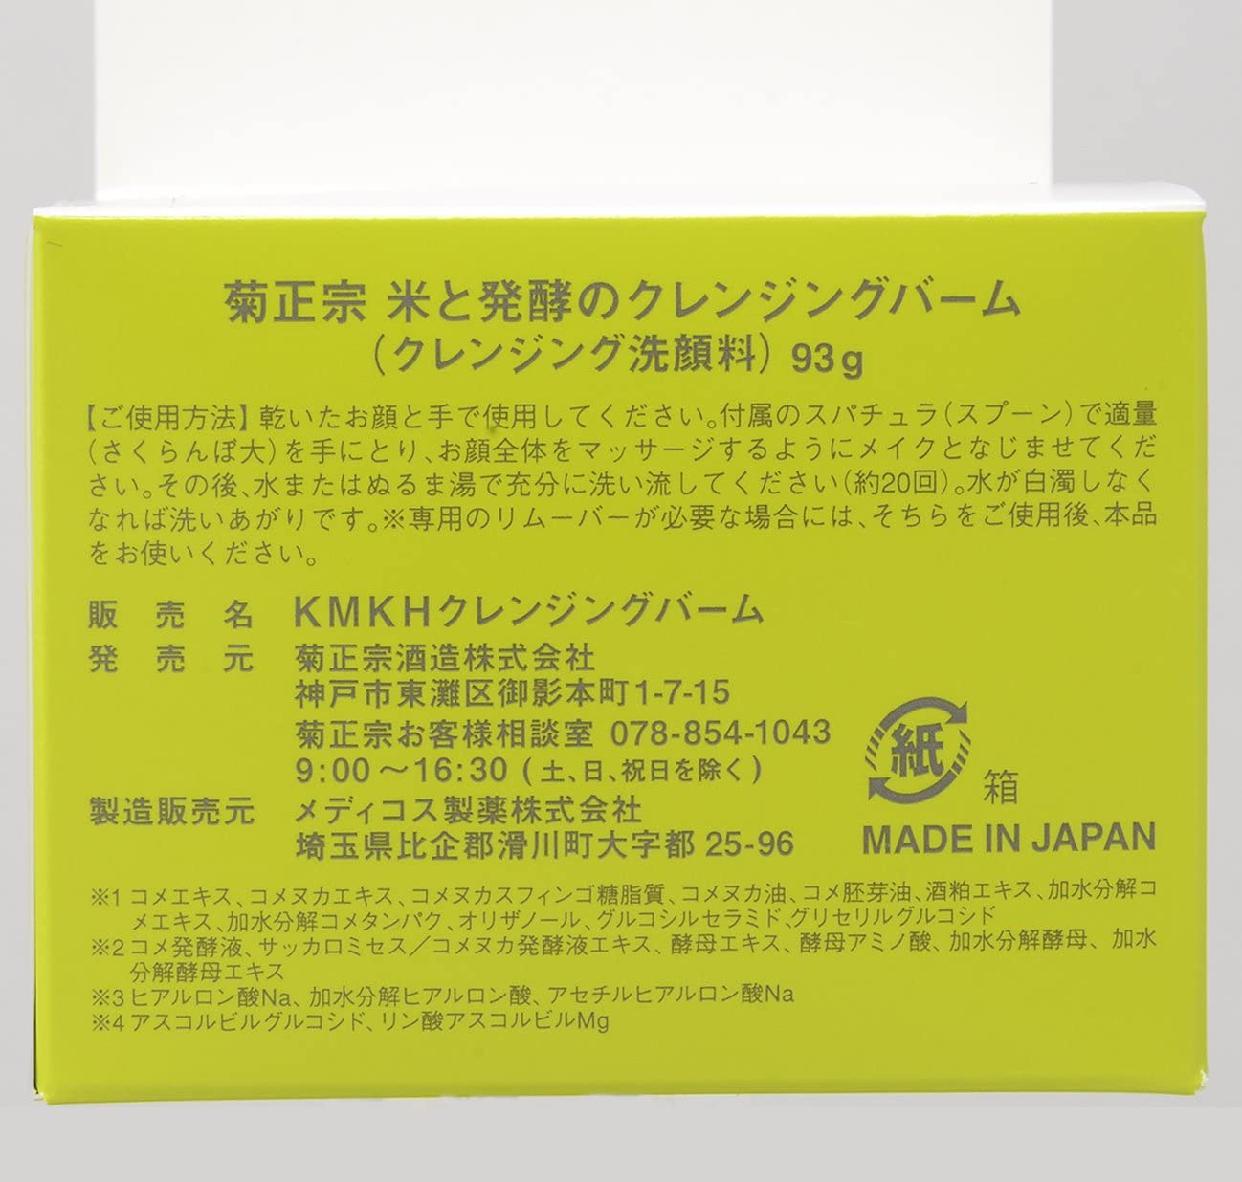 菊正宗(キクマサムネ) 米と発酵のクレンジングバームの商品画像4